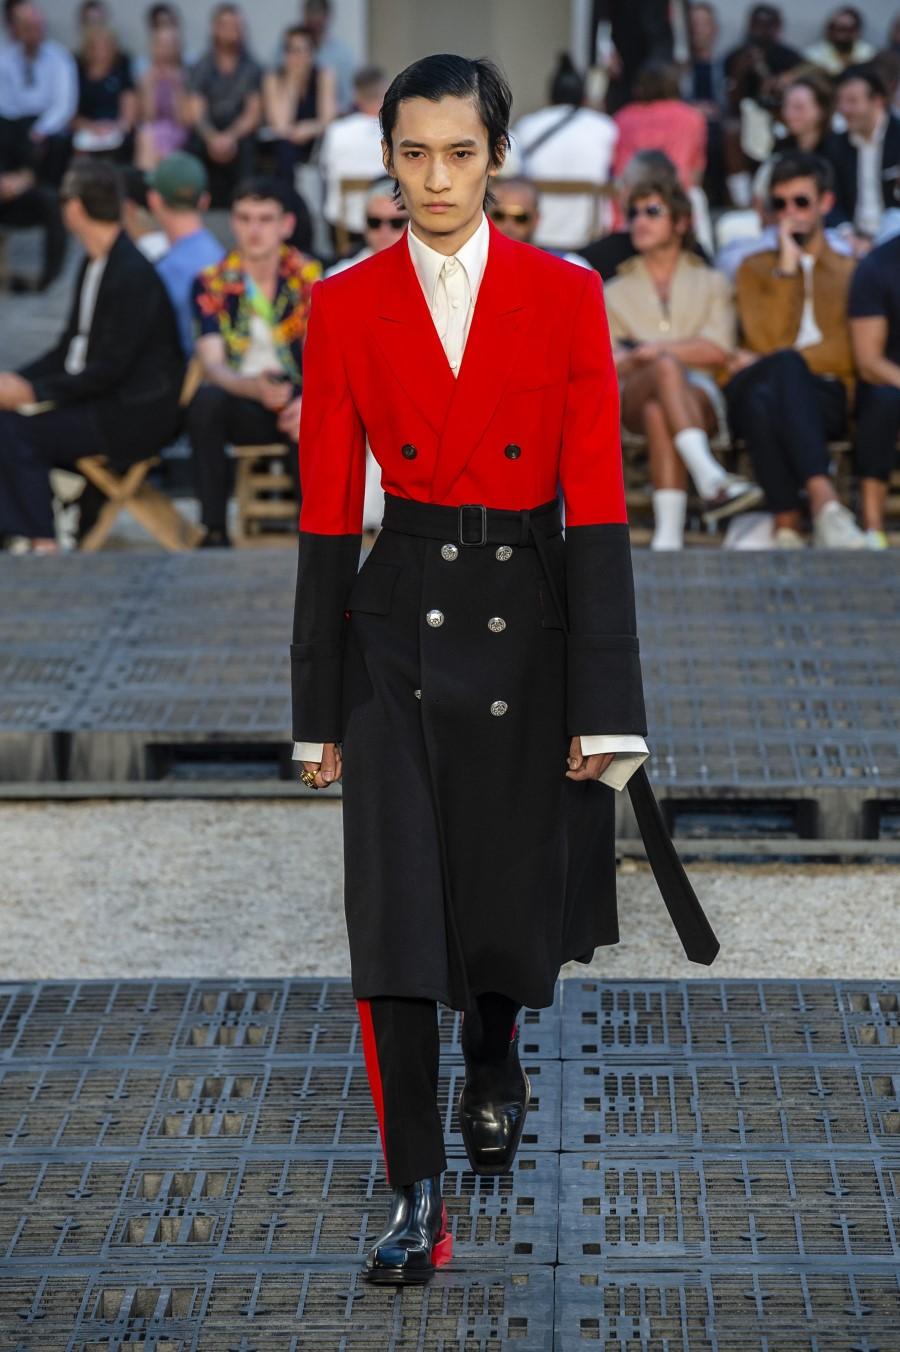 Alexander McQueen Spring/Summer 2019 - Paris Fashion Week